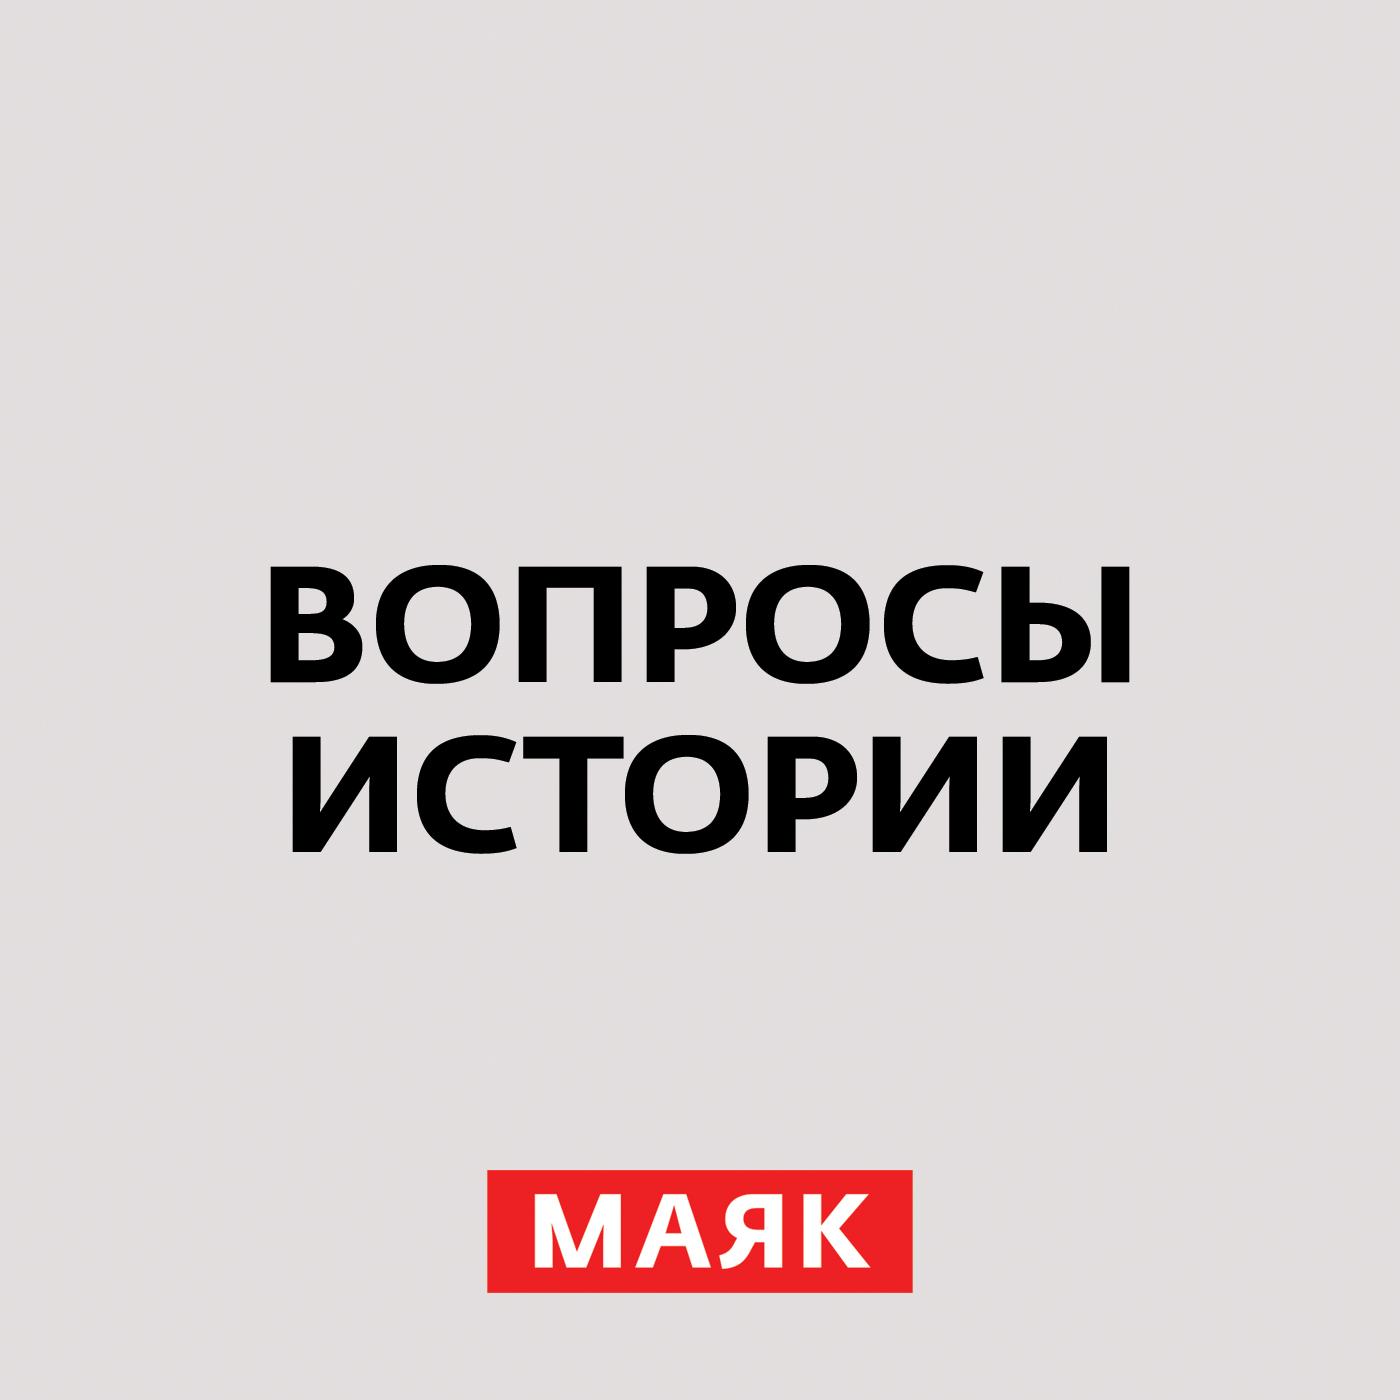 Андрей Светенко Русско-турецкие войны: парадоксальное и малоизвестное. Часть 3 андрей светенко четыре думы российской империи часть 3